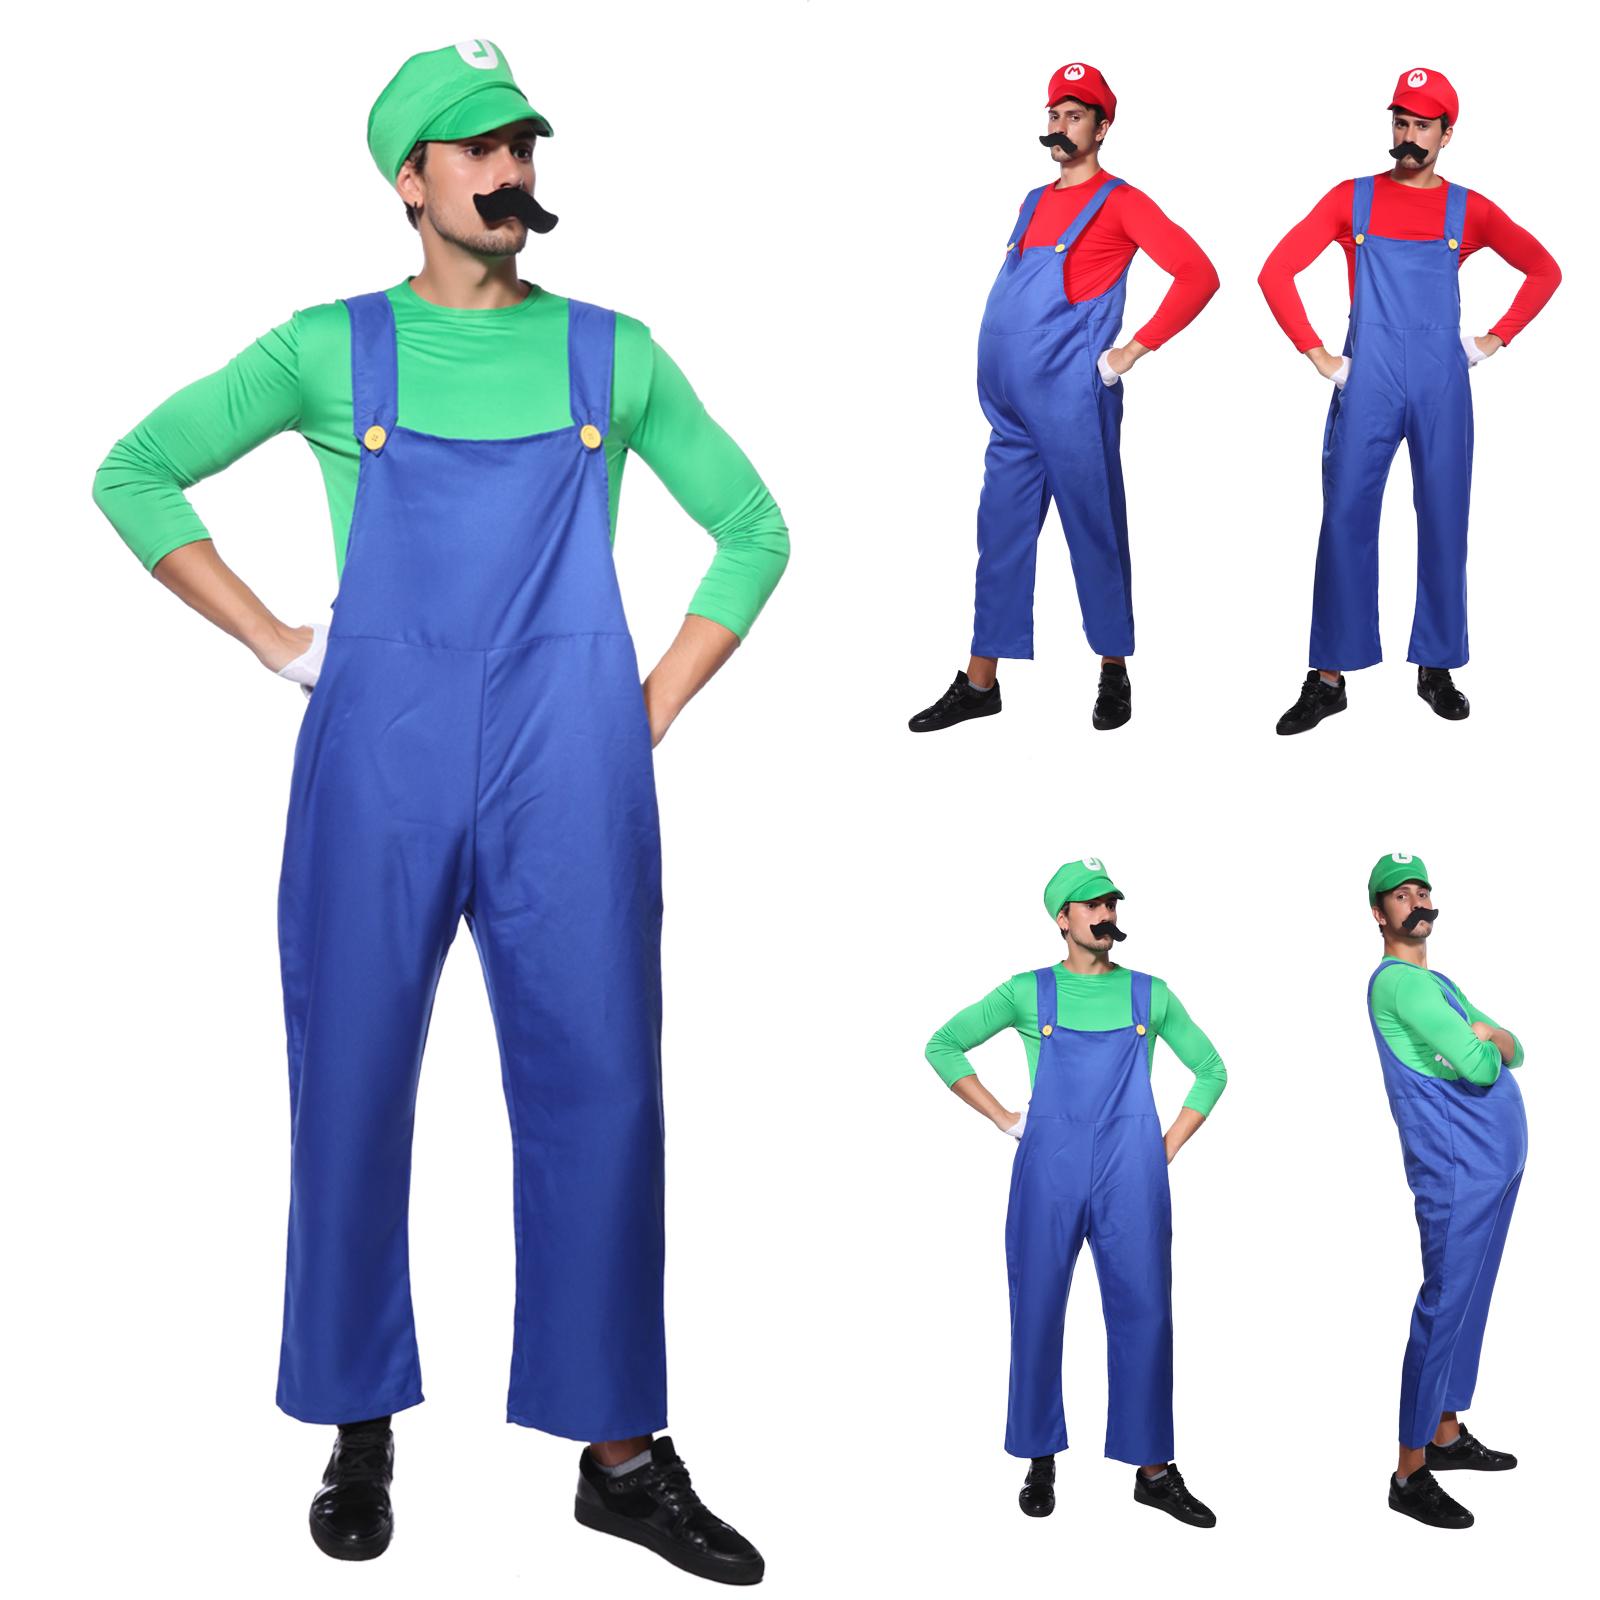 Mens Super Mario Brothers Costumes Mario Costume Hat Moustache Fancy Dress Party  sc 1 st  eBay & Mens Super Mario Brothers Costumes Mario Costume Hat Moustache Fancy ...